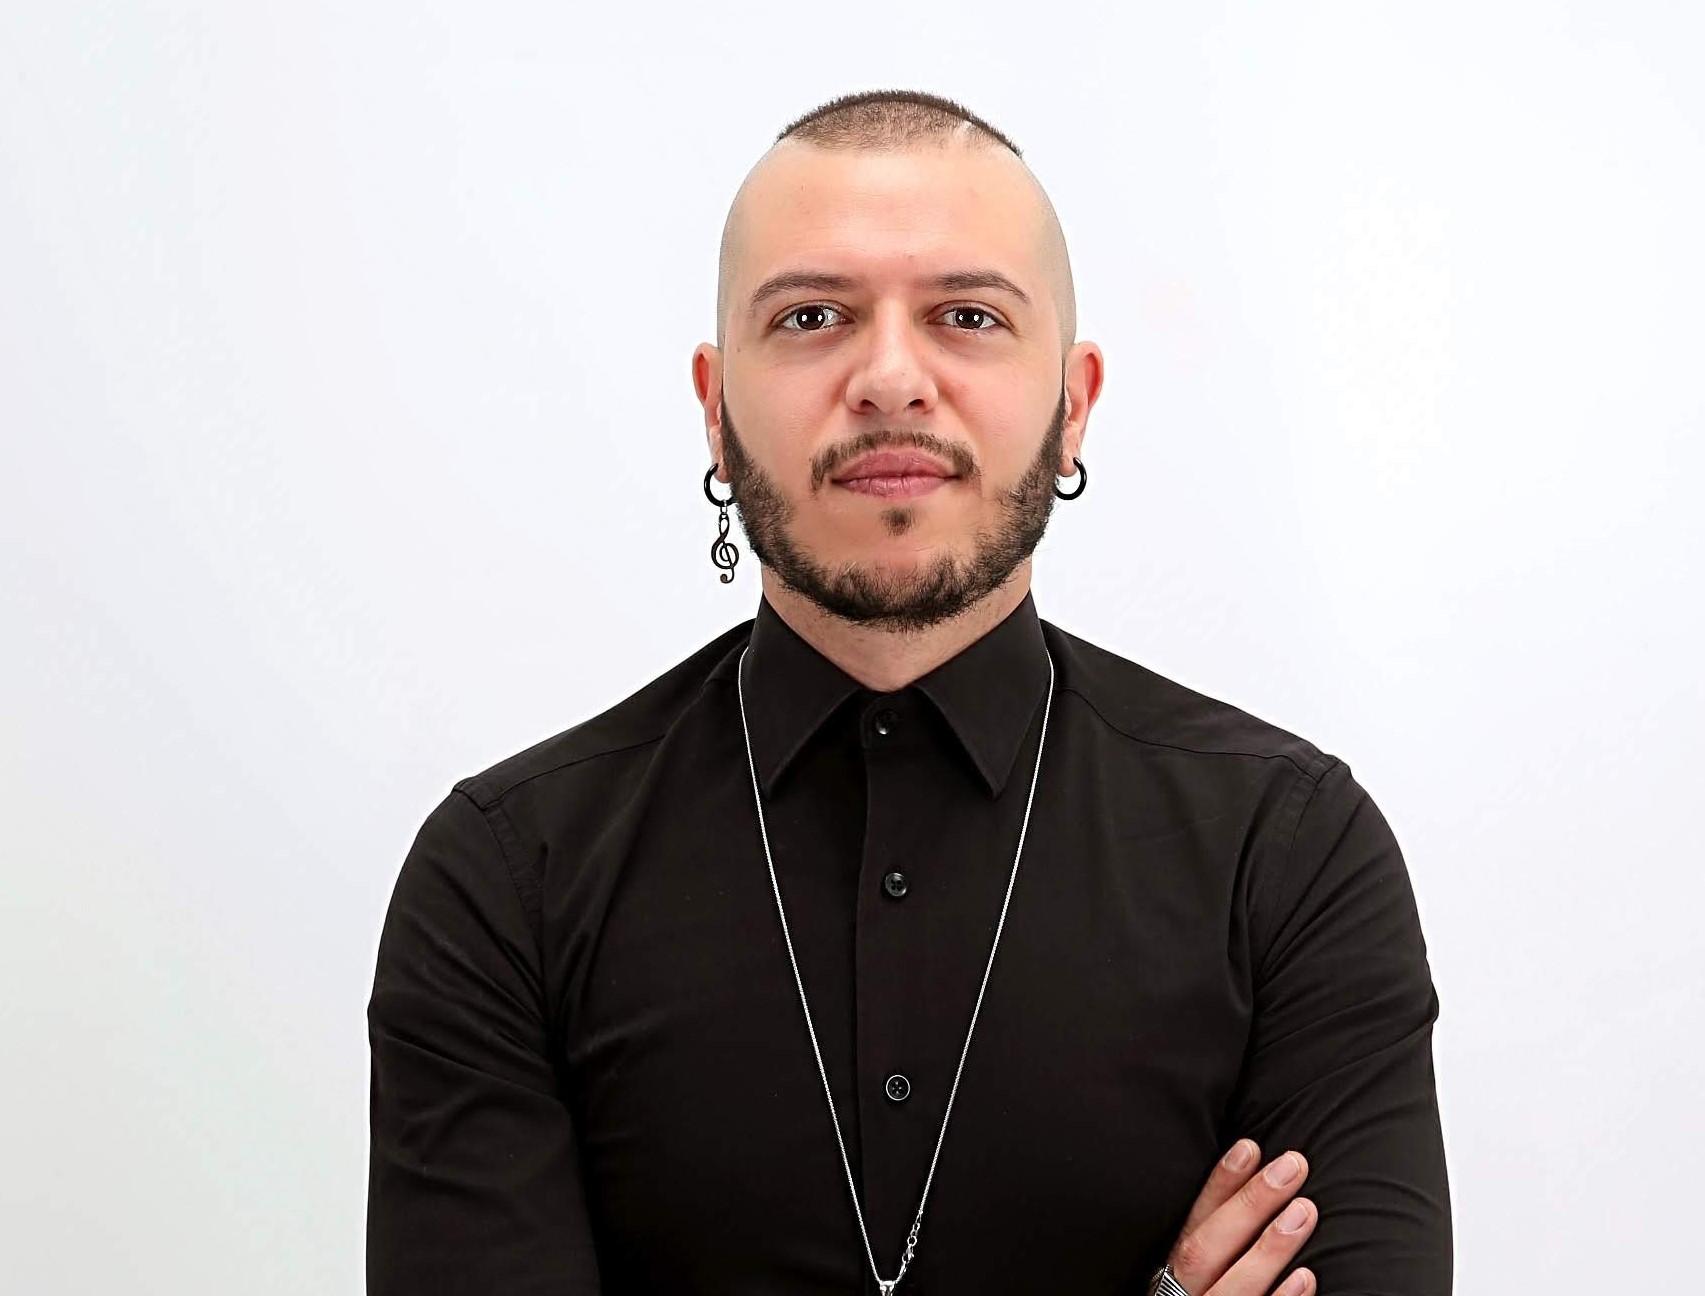 Emergenza Coronavirus: l'appello social del cantante Marco Sentieri